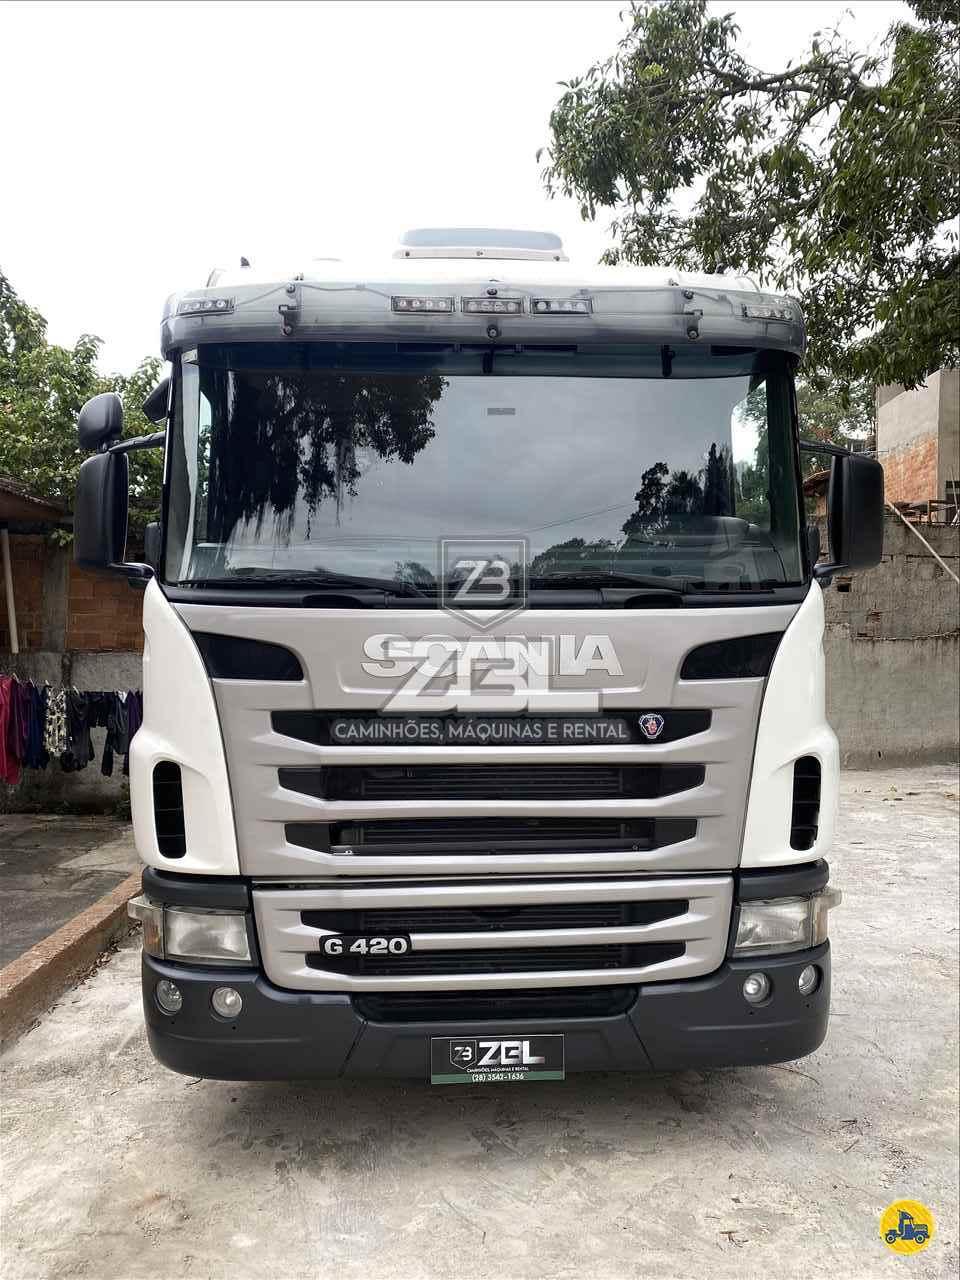 CAMINHAO SCANIA SCANIA P420 Cavalo Mecânico Truck 6x2 ZBL Caminhões CASTELO ESPÍRITO SANTO ES